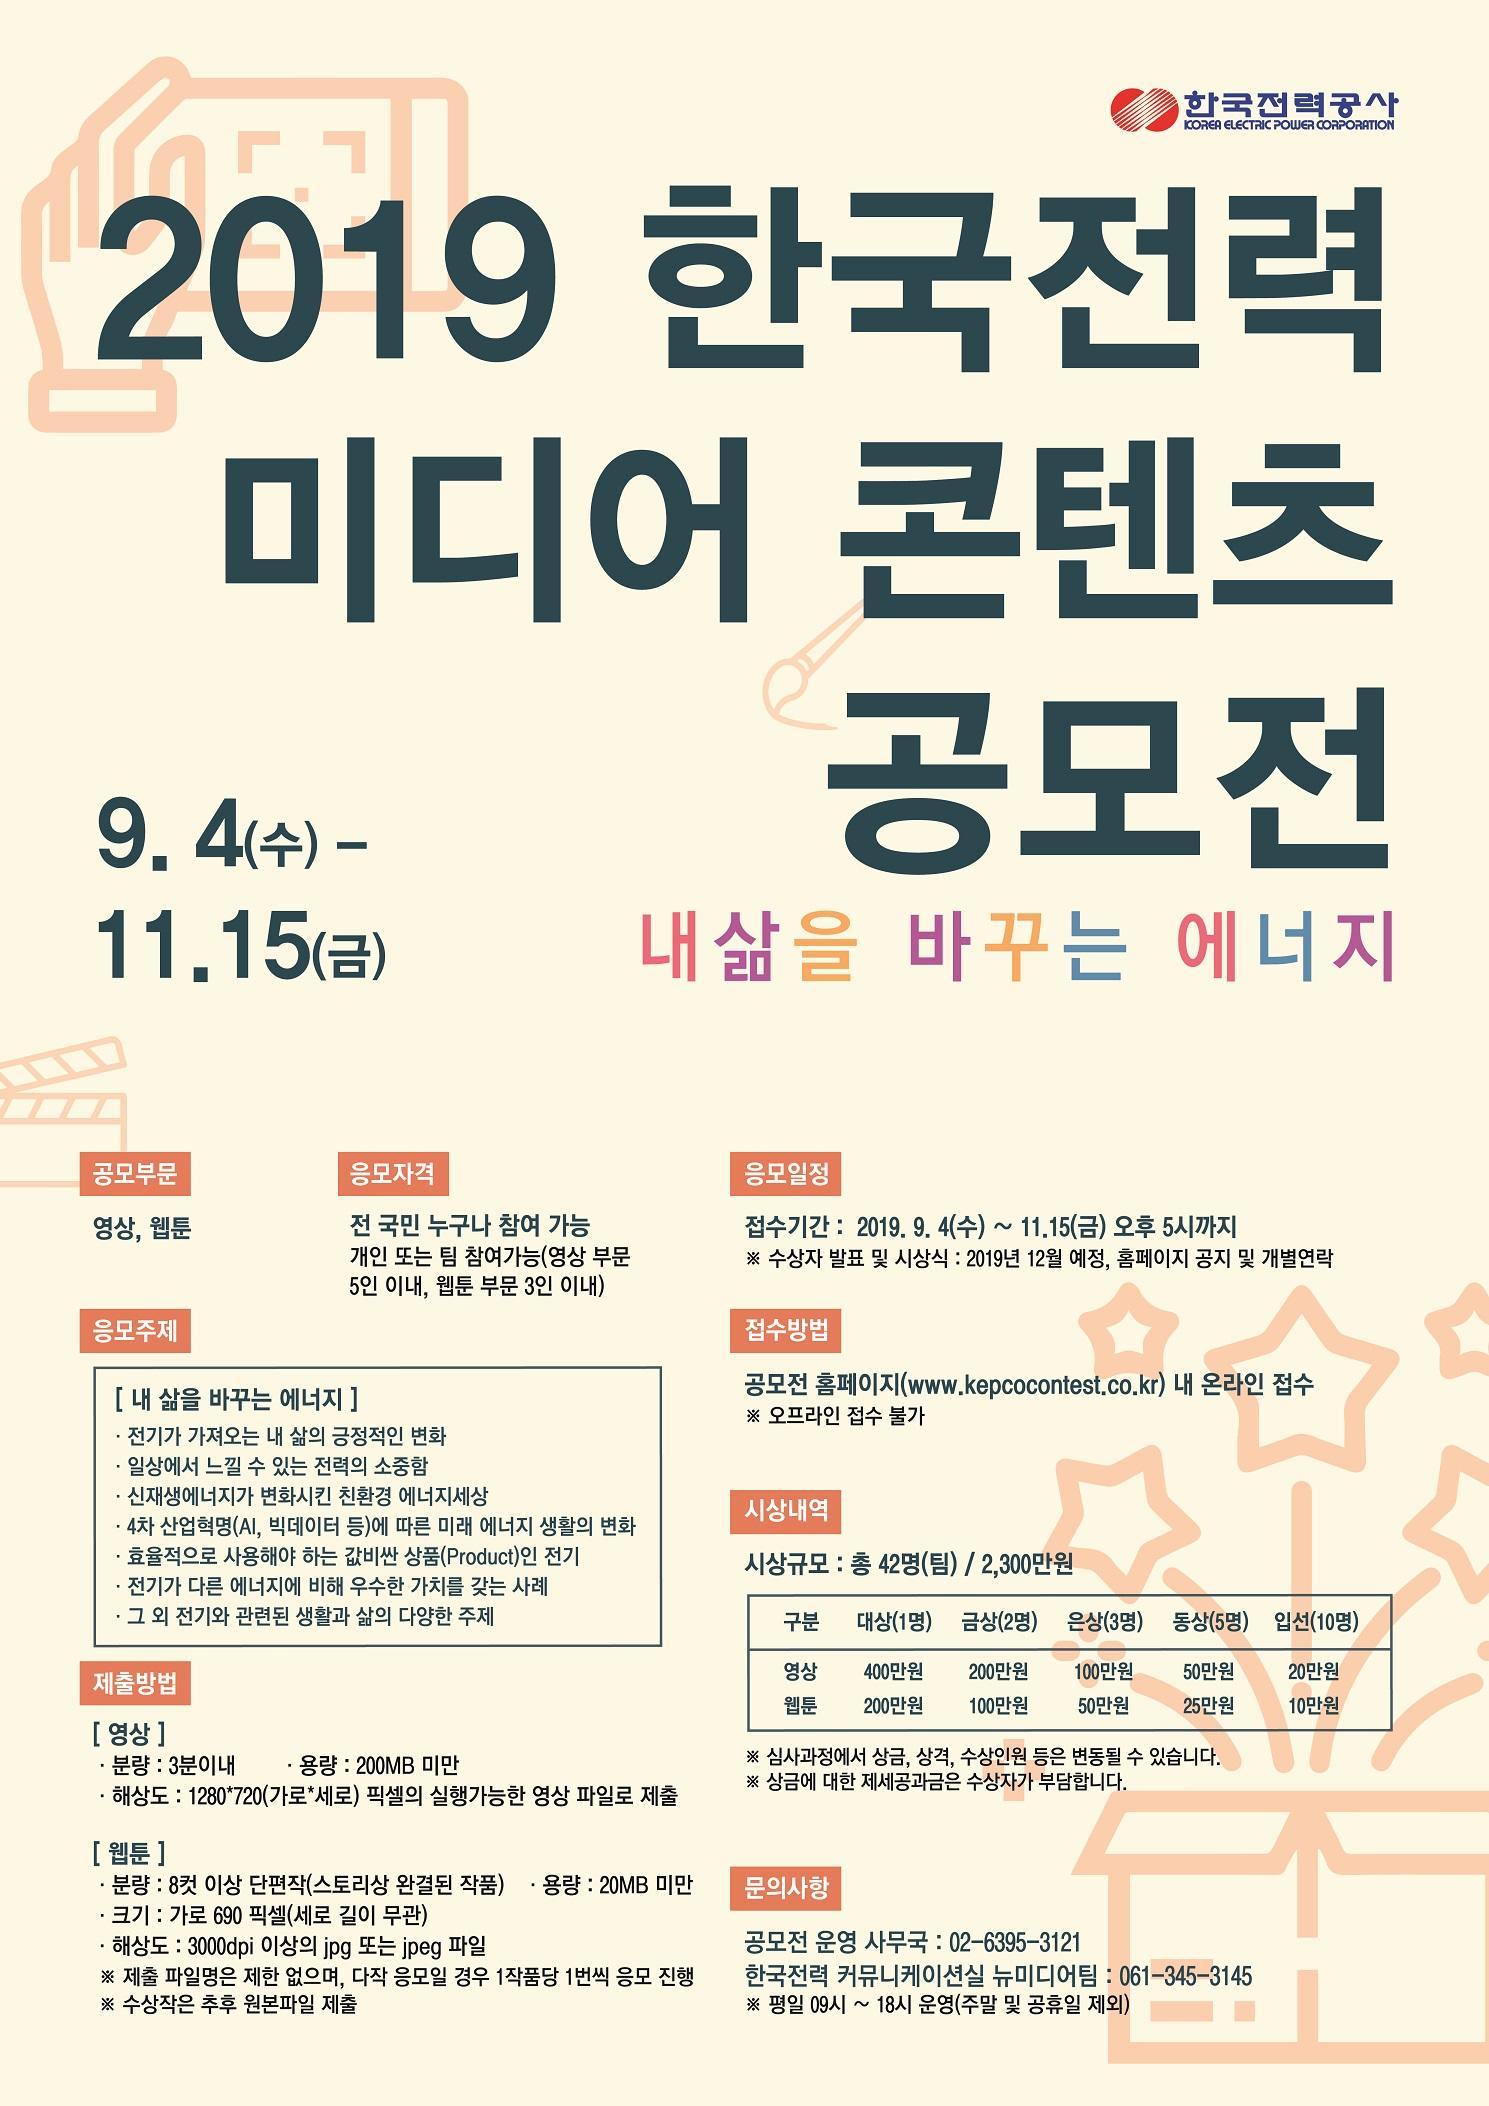 2019 한국전력 미디어 콘텐츠 공모전